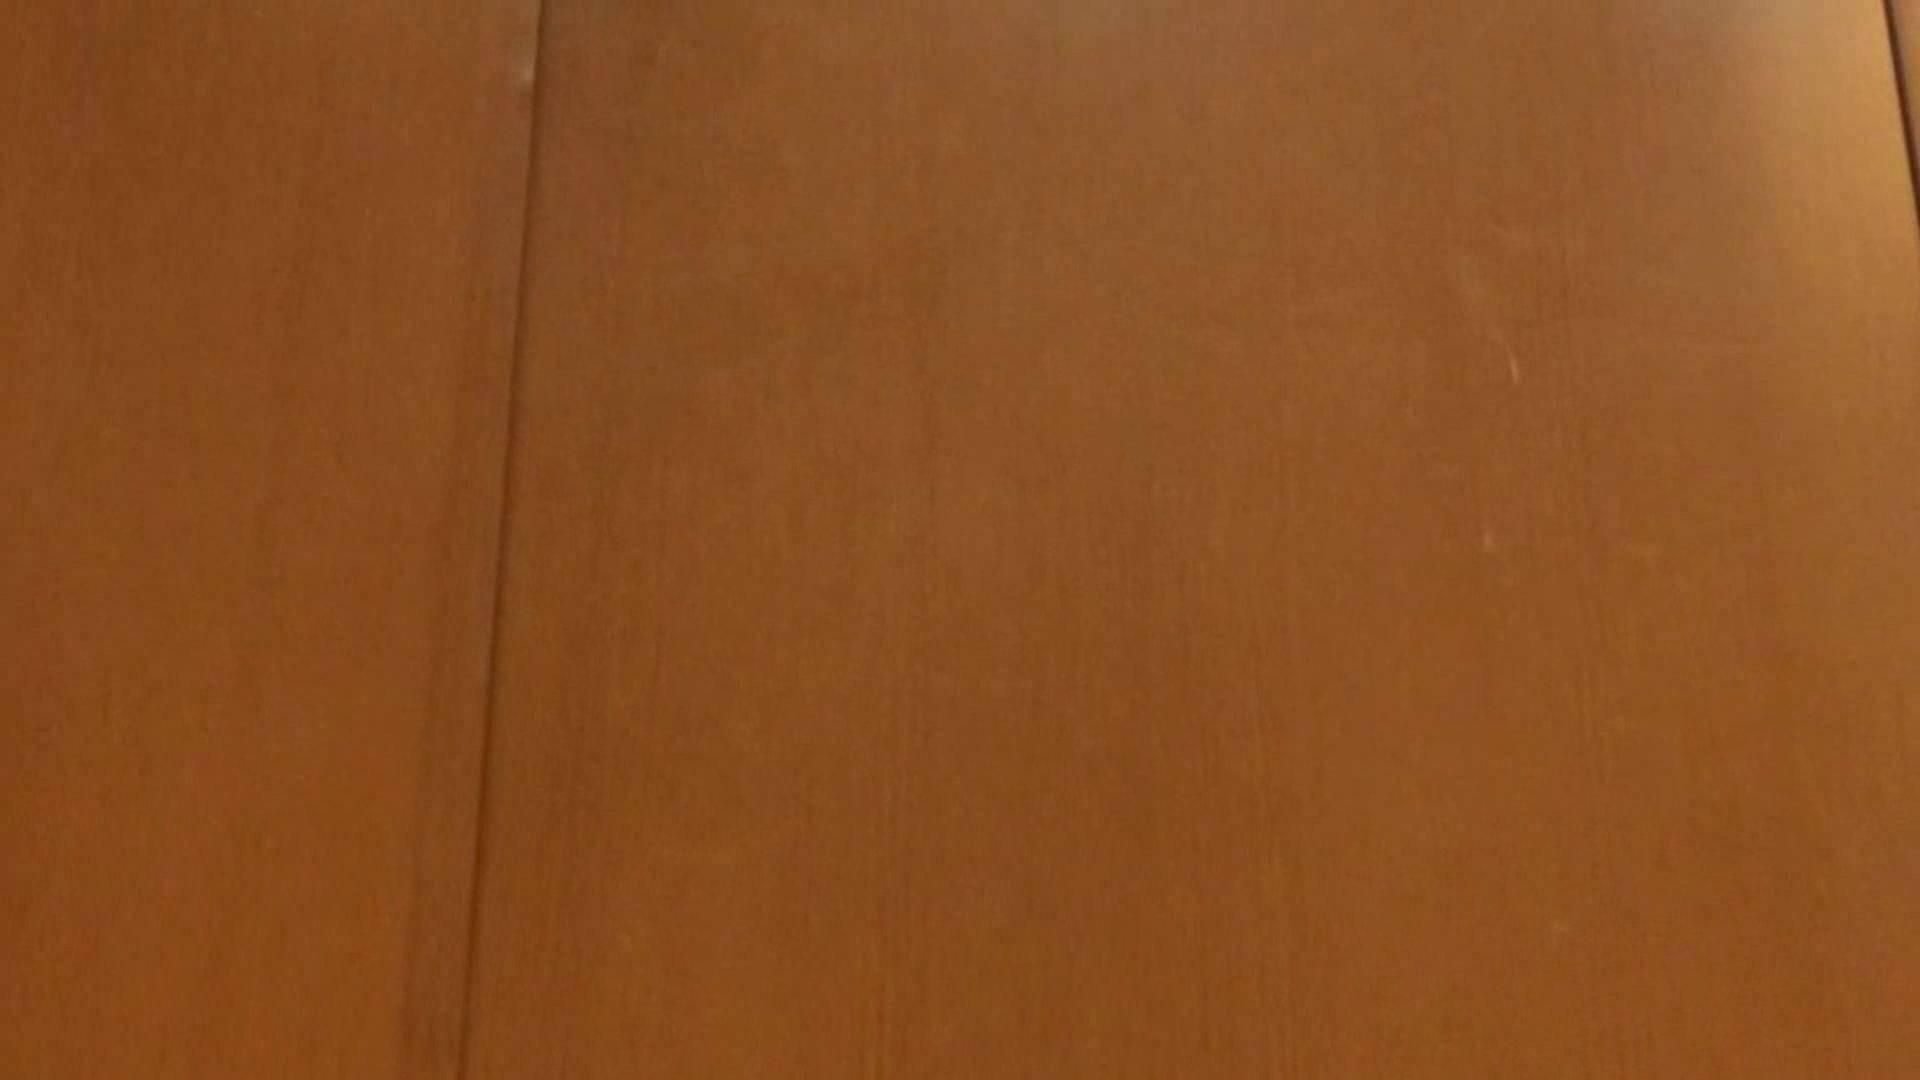 隣国化粧室下から御免!! No.01 美女  94画像 72